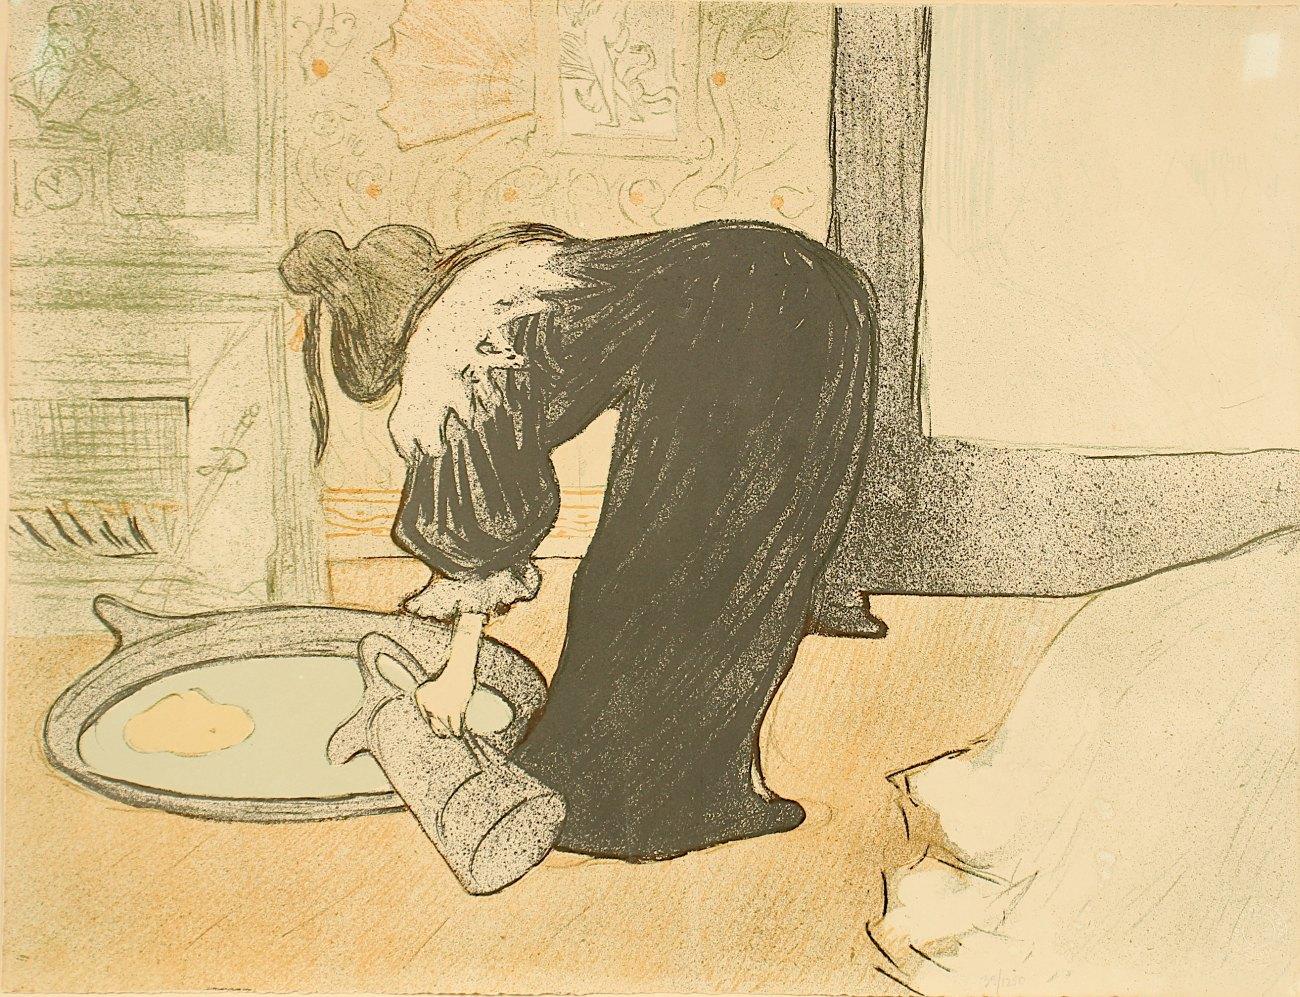 TOULOUSE-LAUTREC, Henri de, nach, Faksimile nach Farblithografie, 40 x 52...